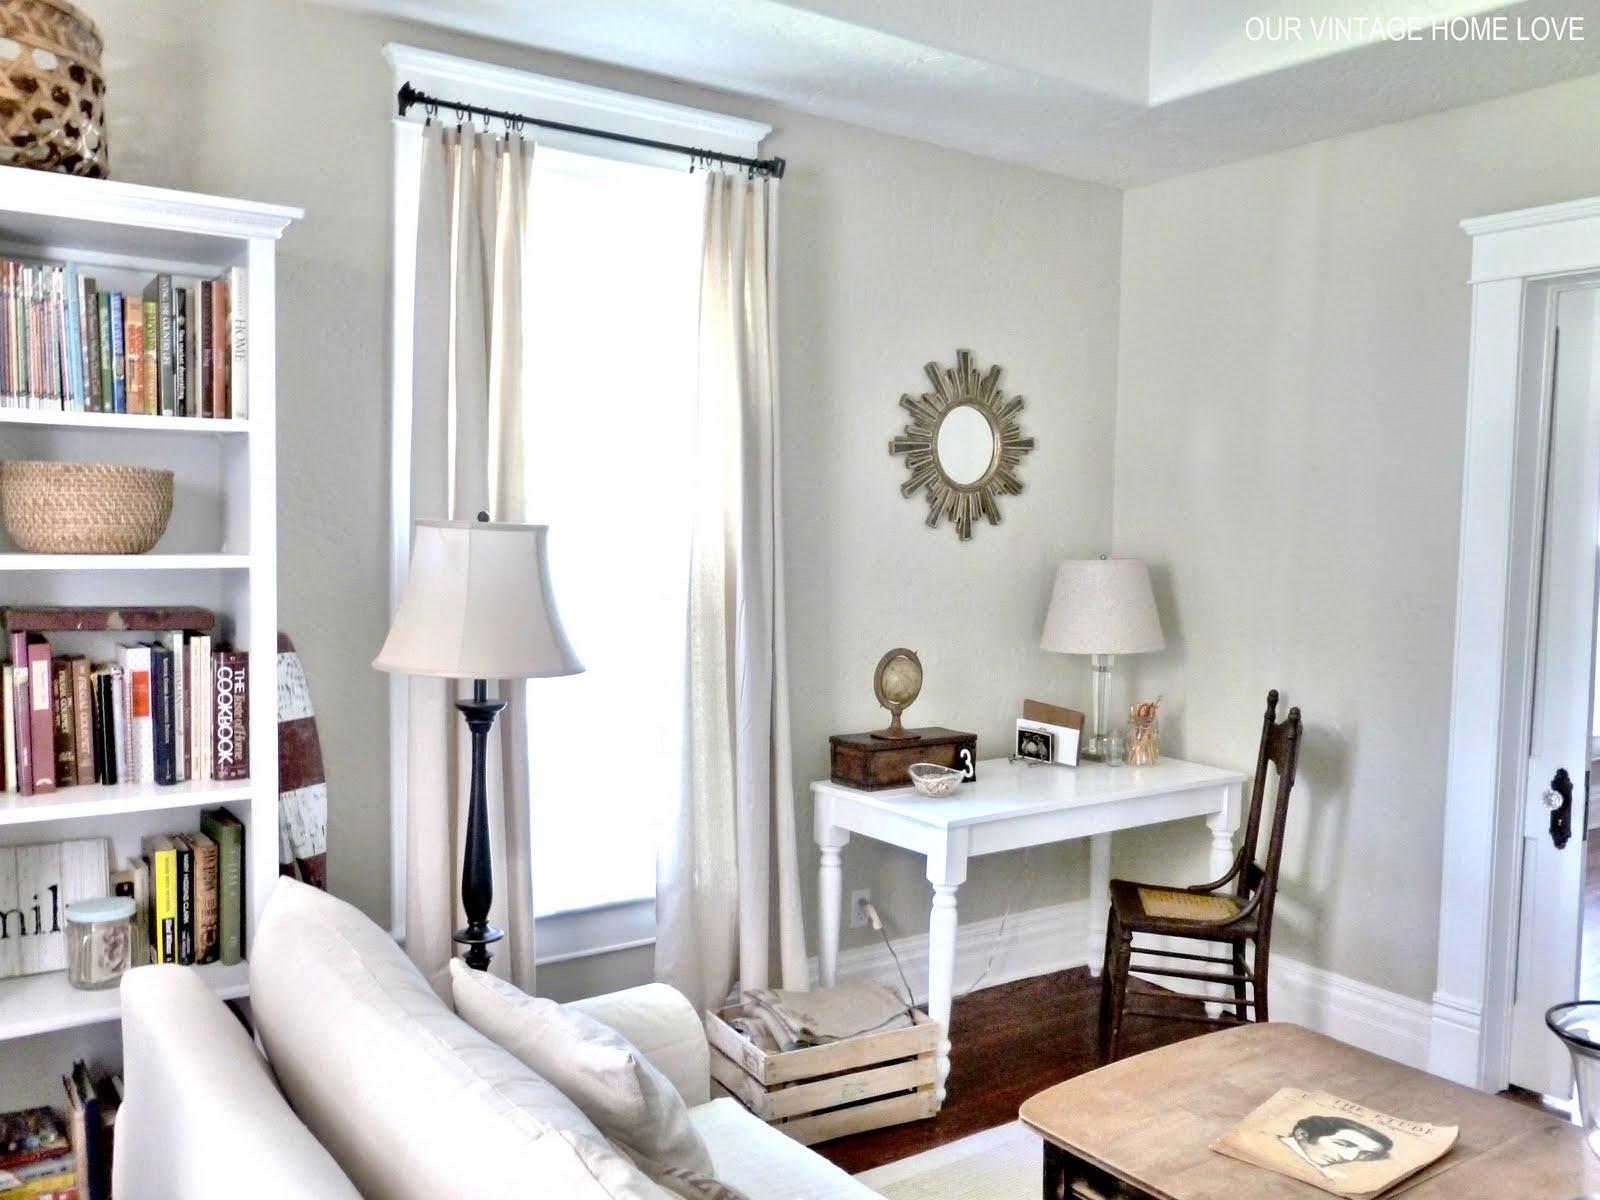 vintage home love Desk for Master Bedroom and a Vintage